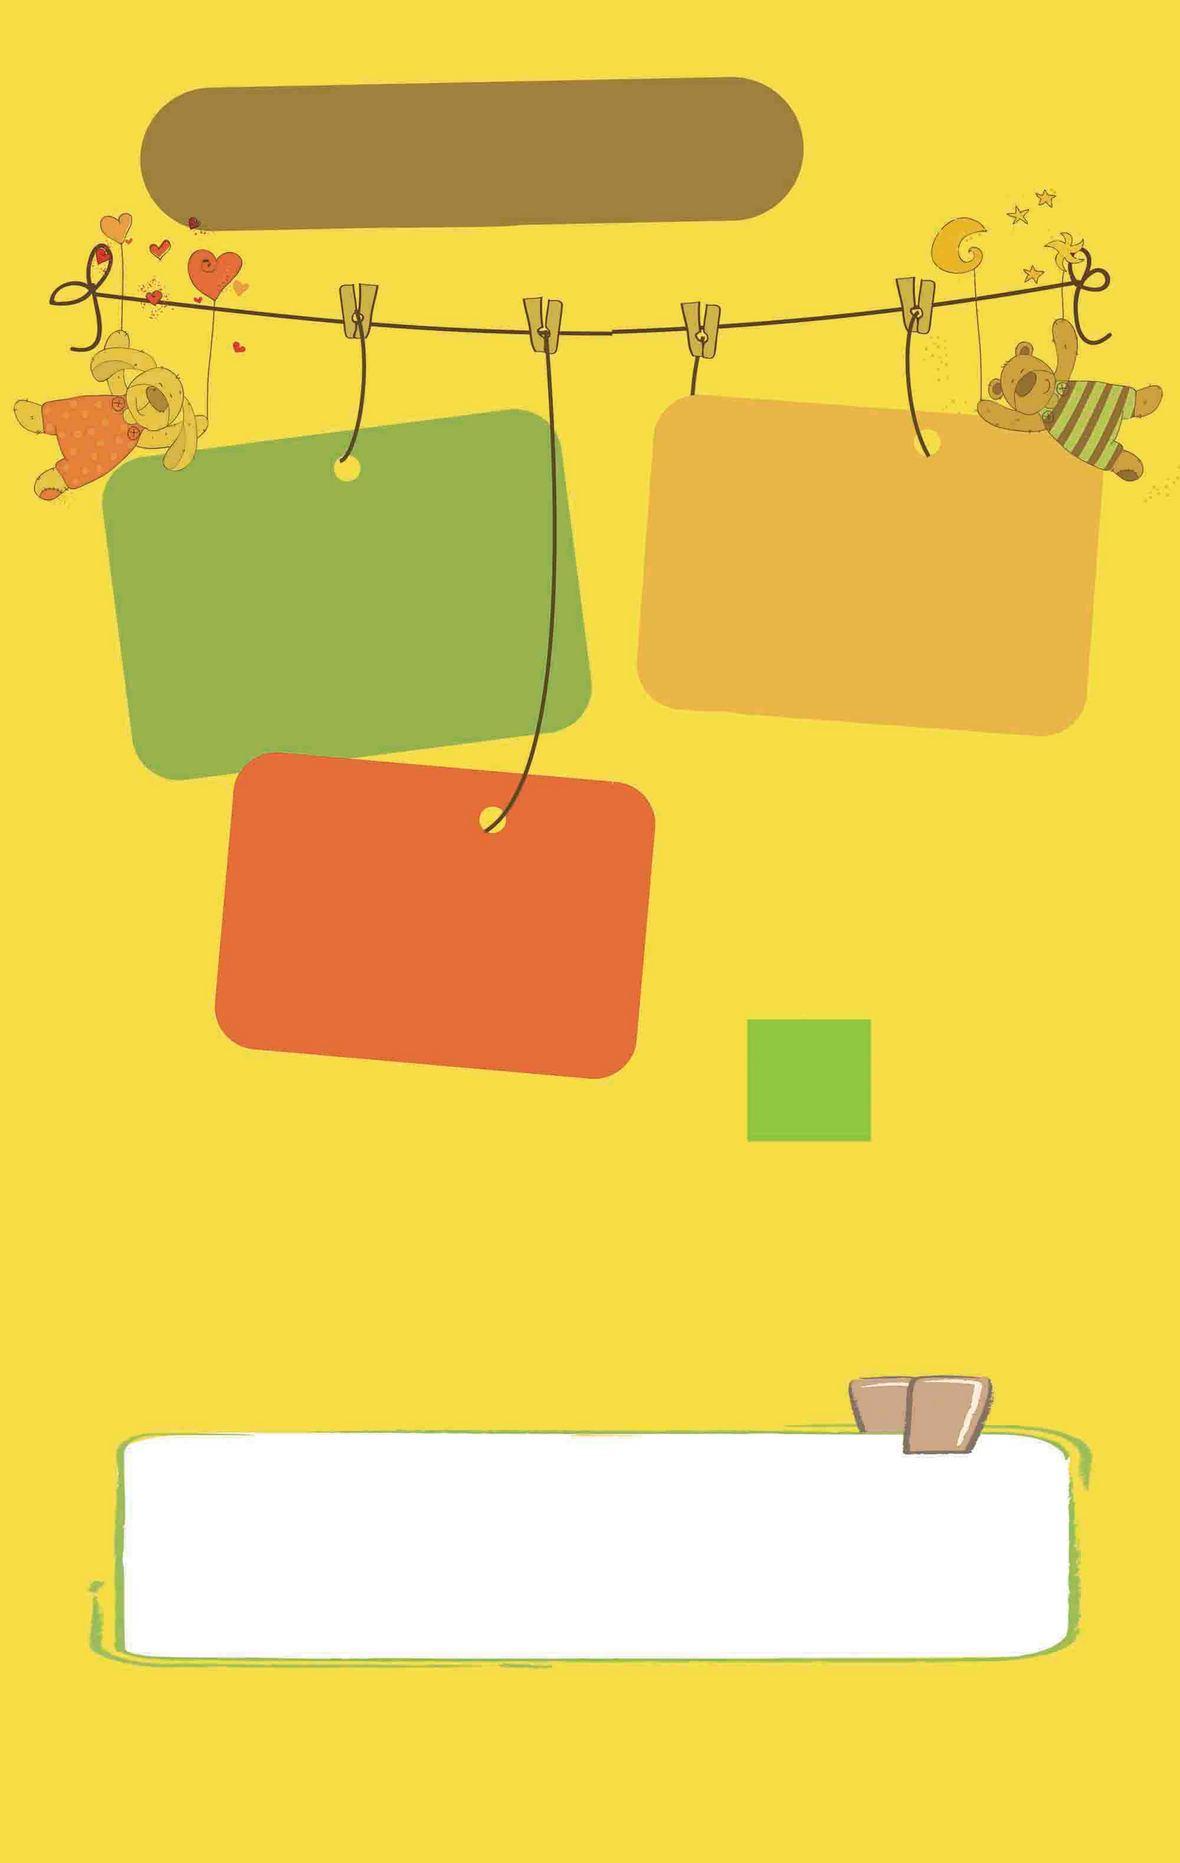 极速快三培训班寒假班小学幼儿园黄色海报背景